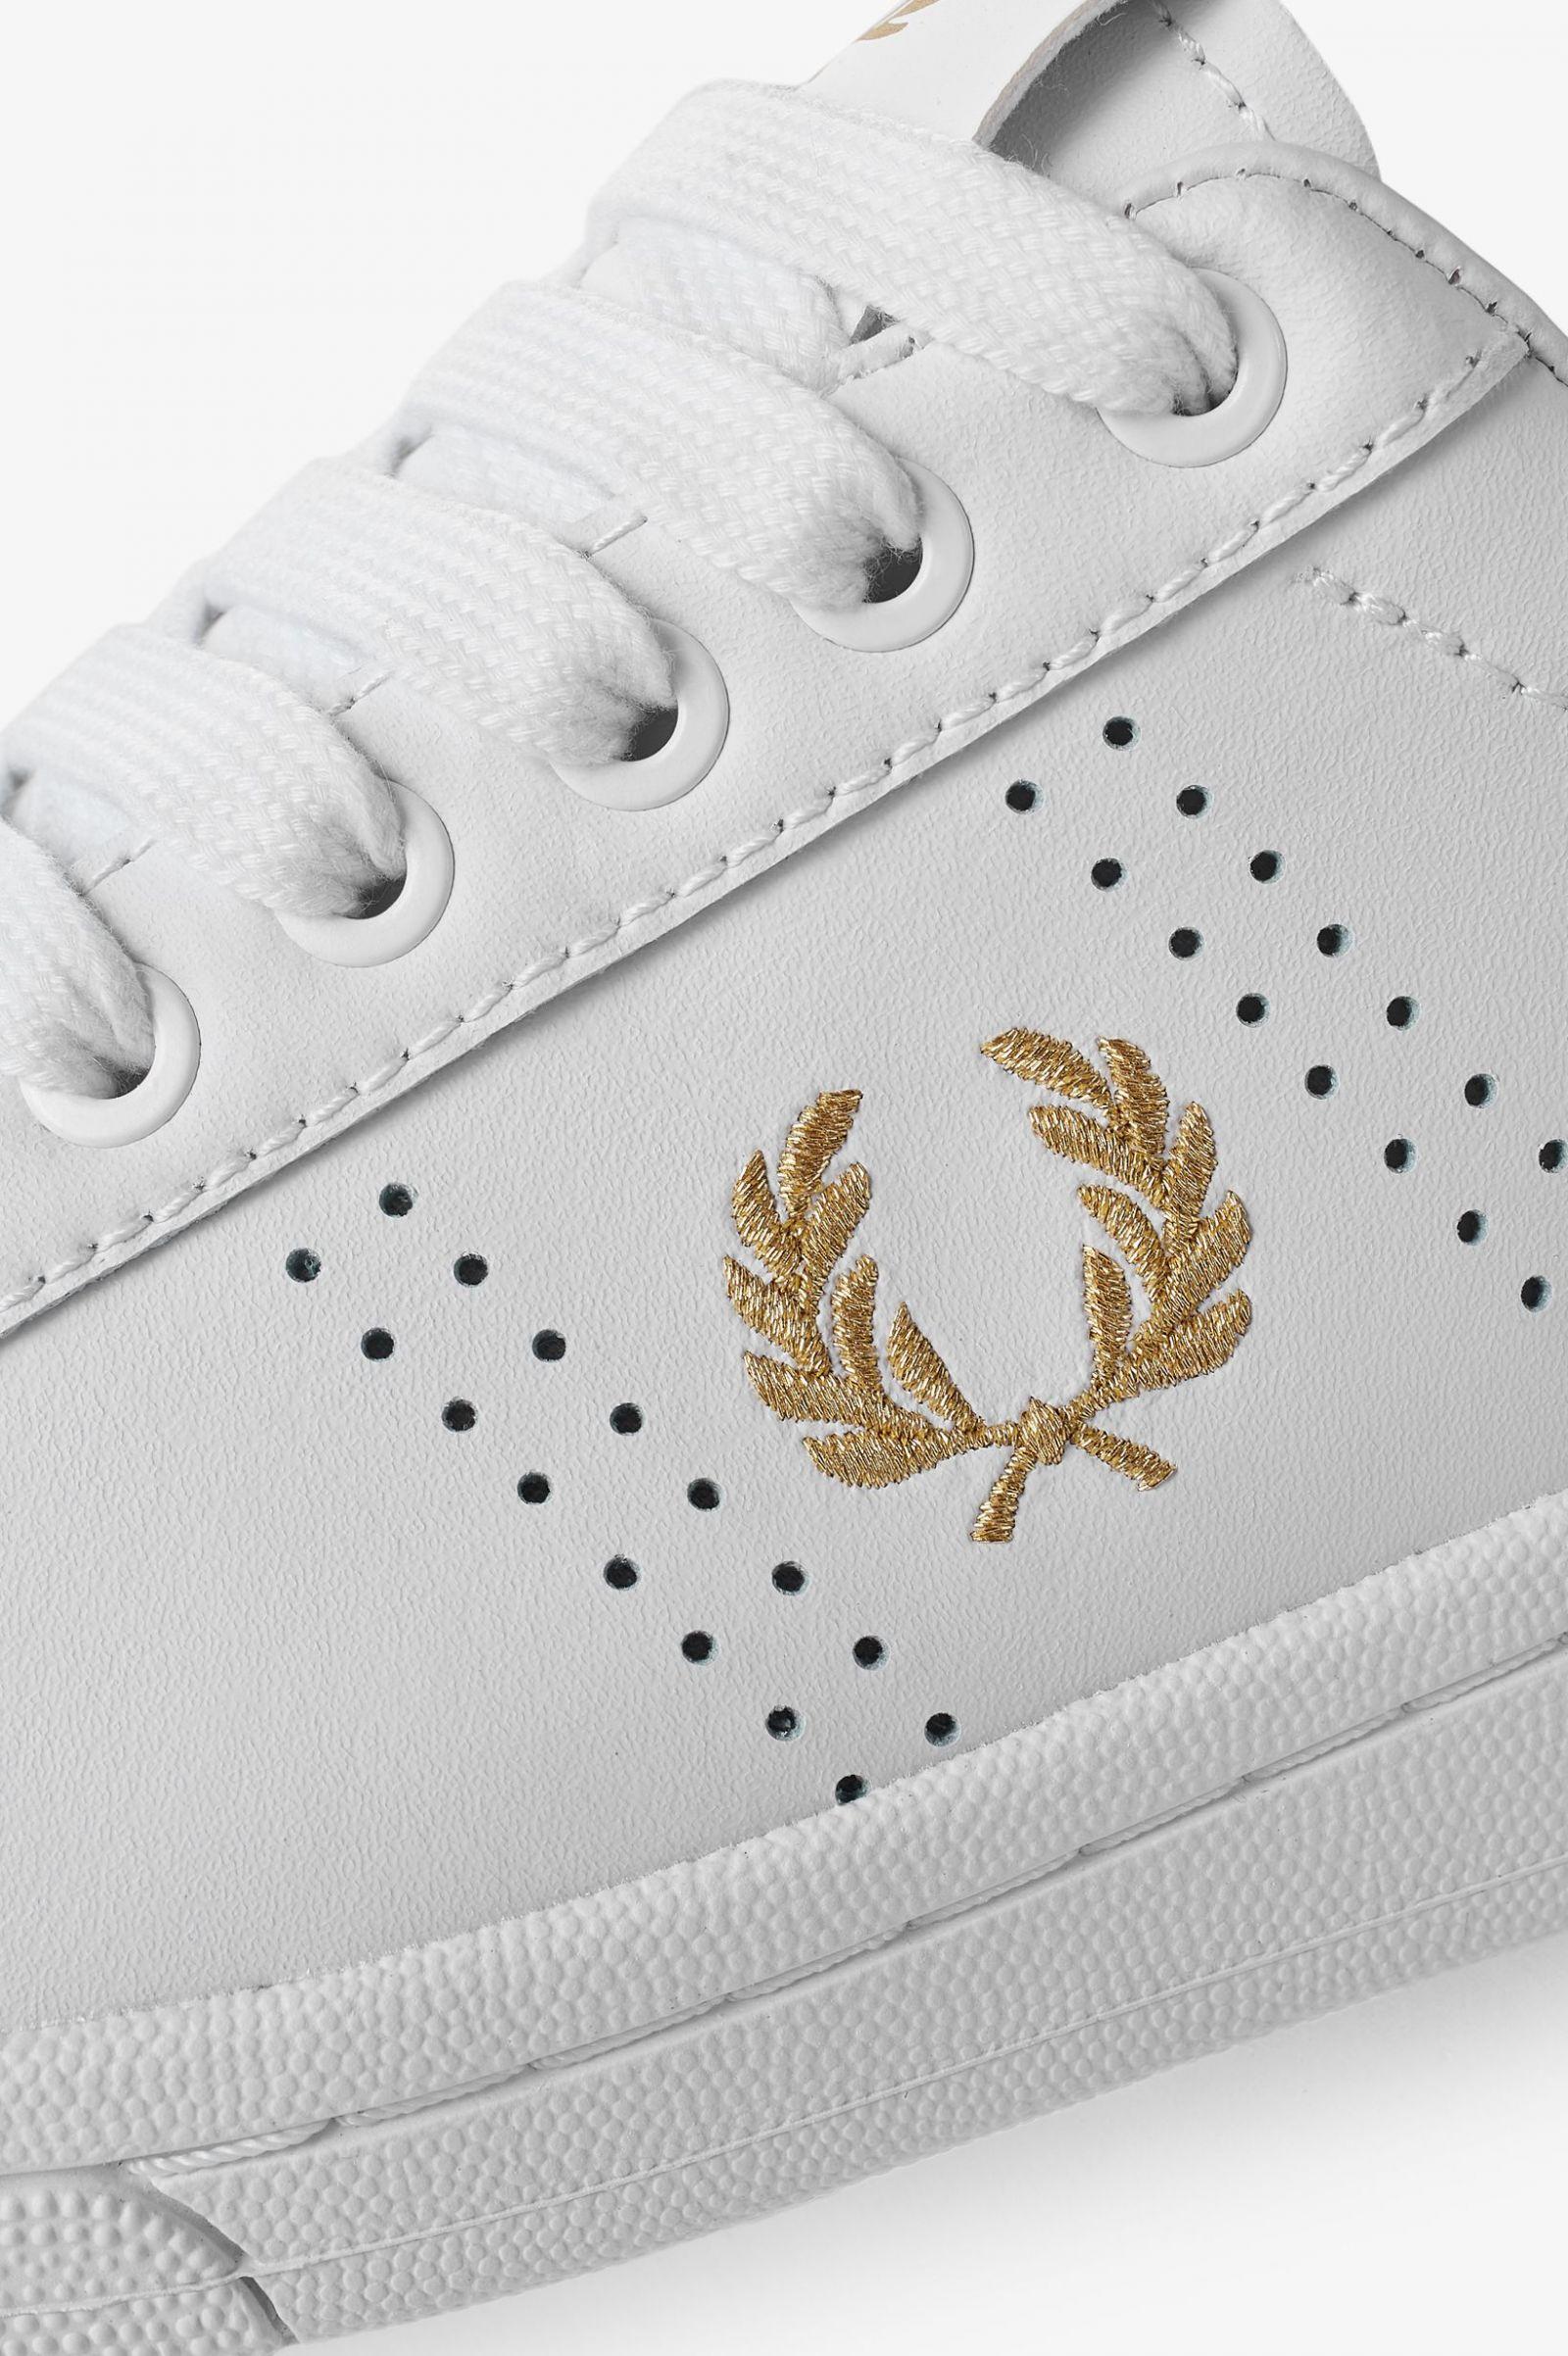 B721 Leather - White   Men's Footwear